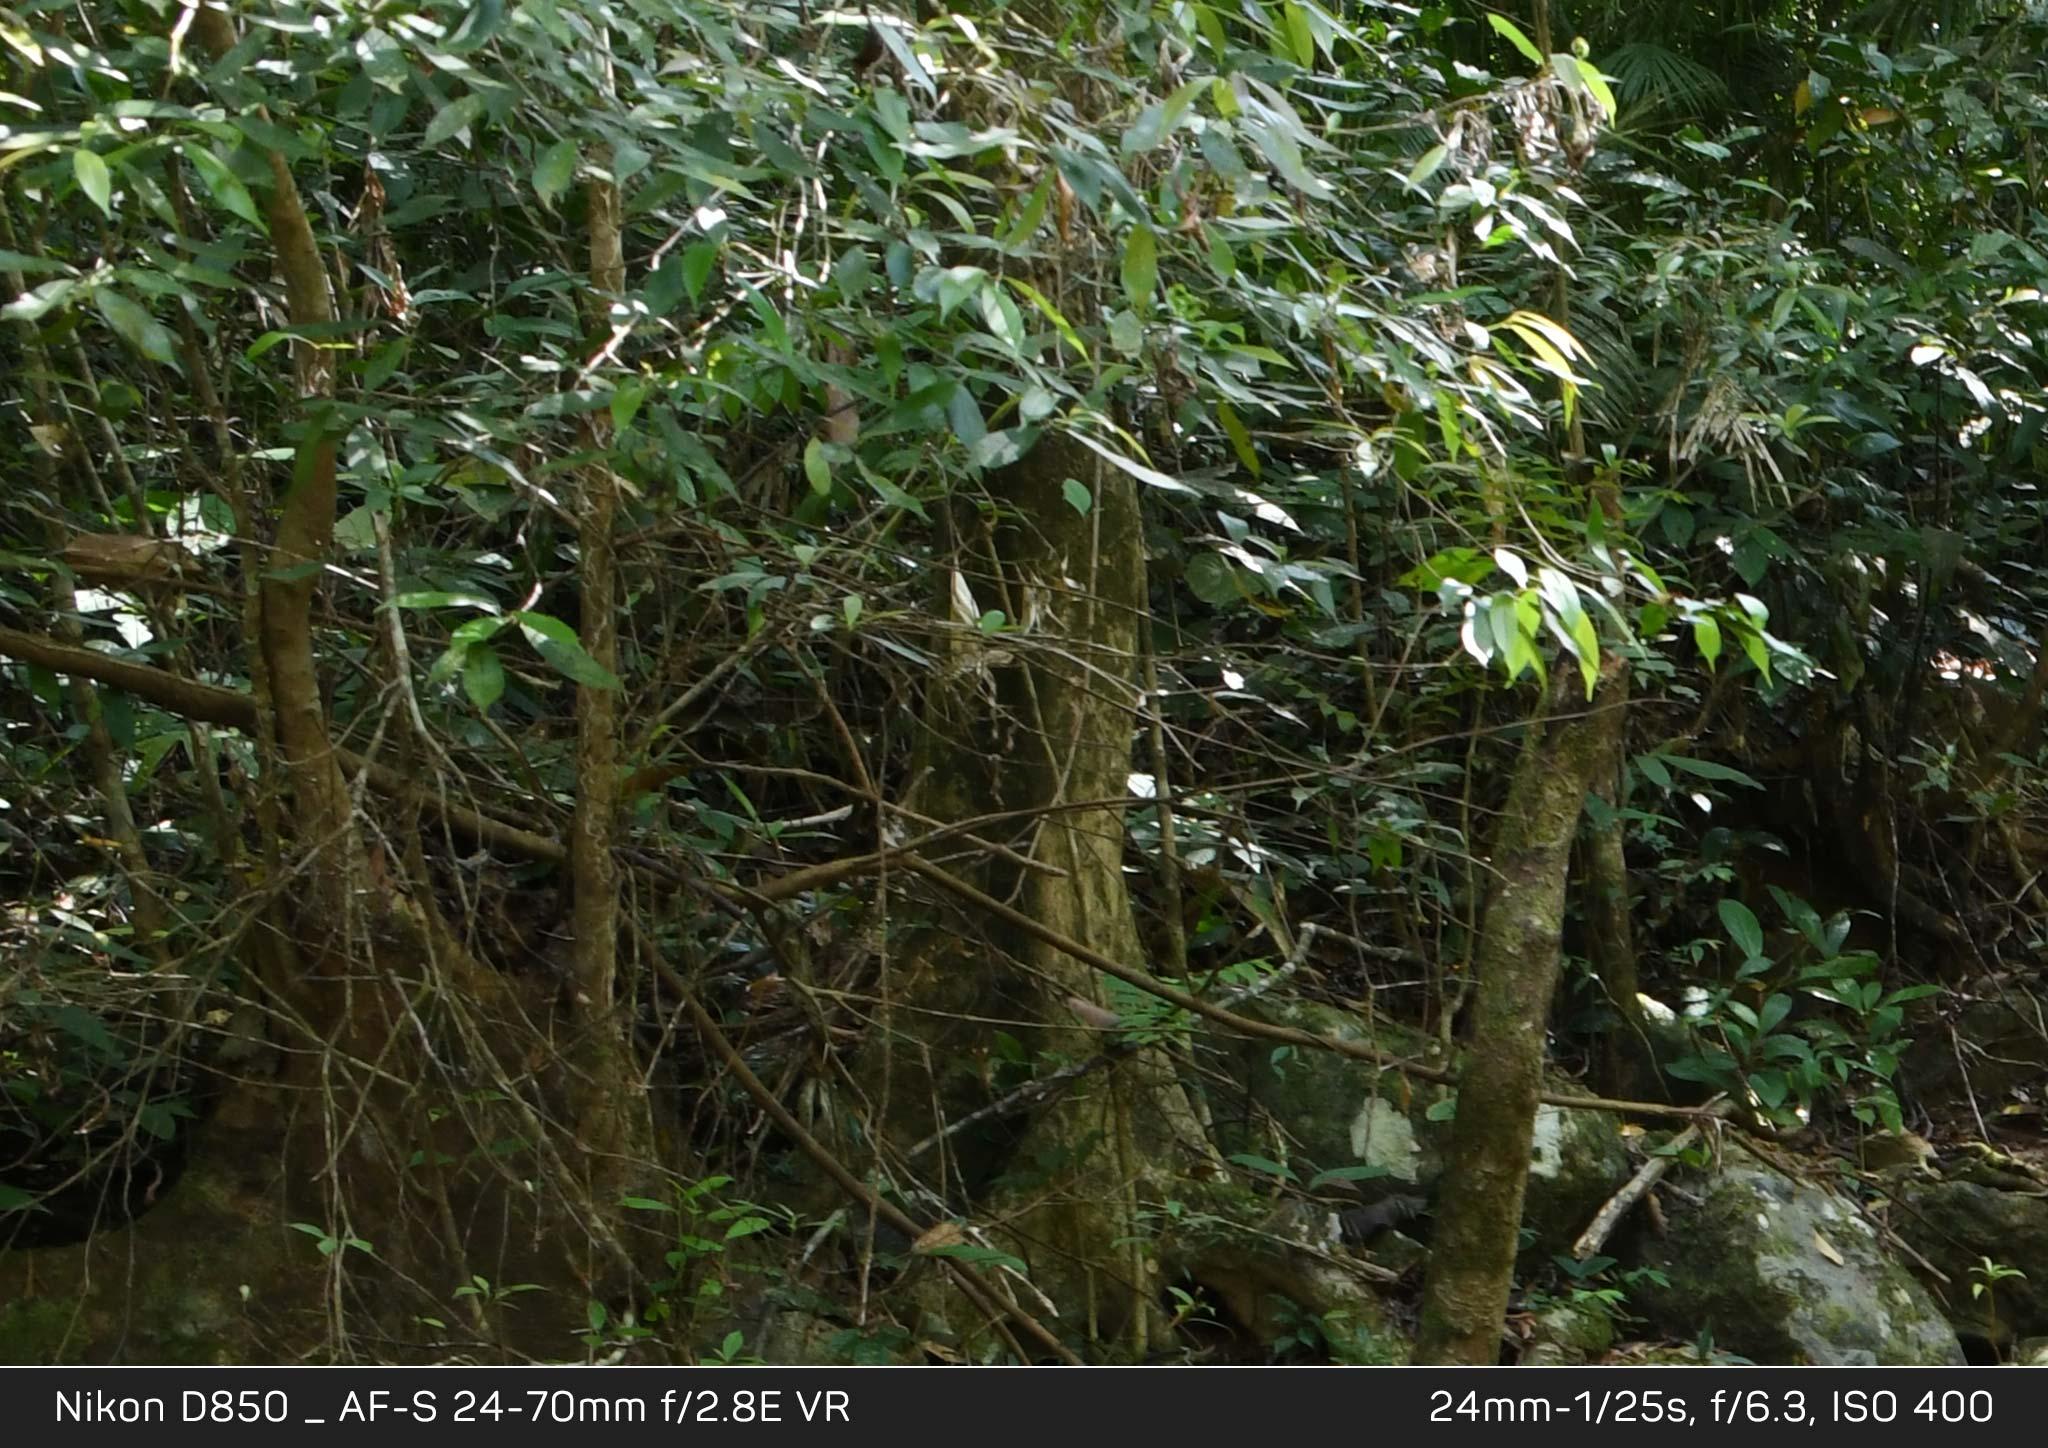 Đang tải Nikon-D850_KH2_6405_crop.jpg…